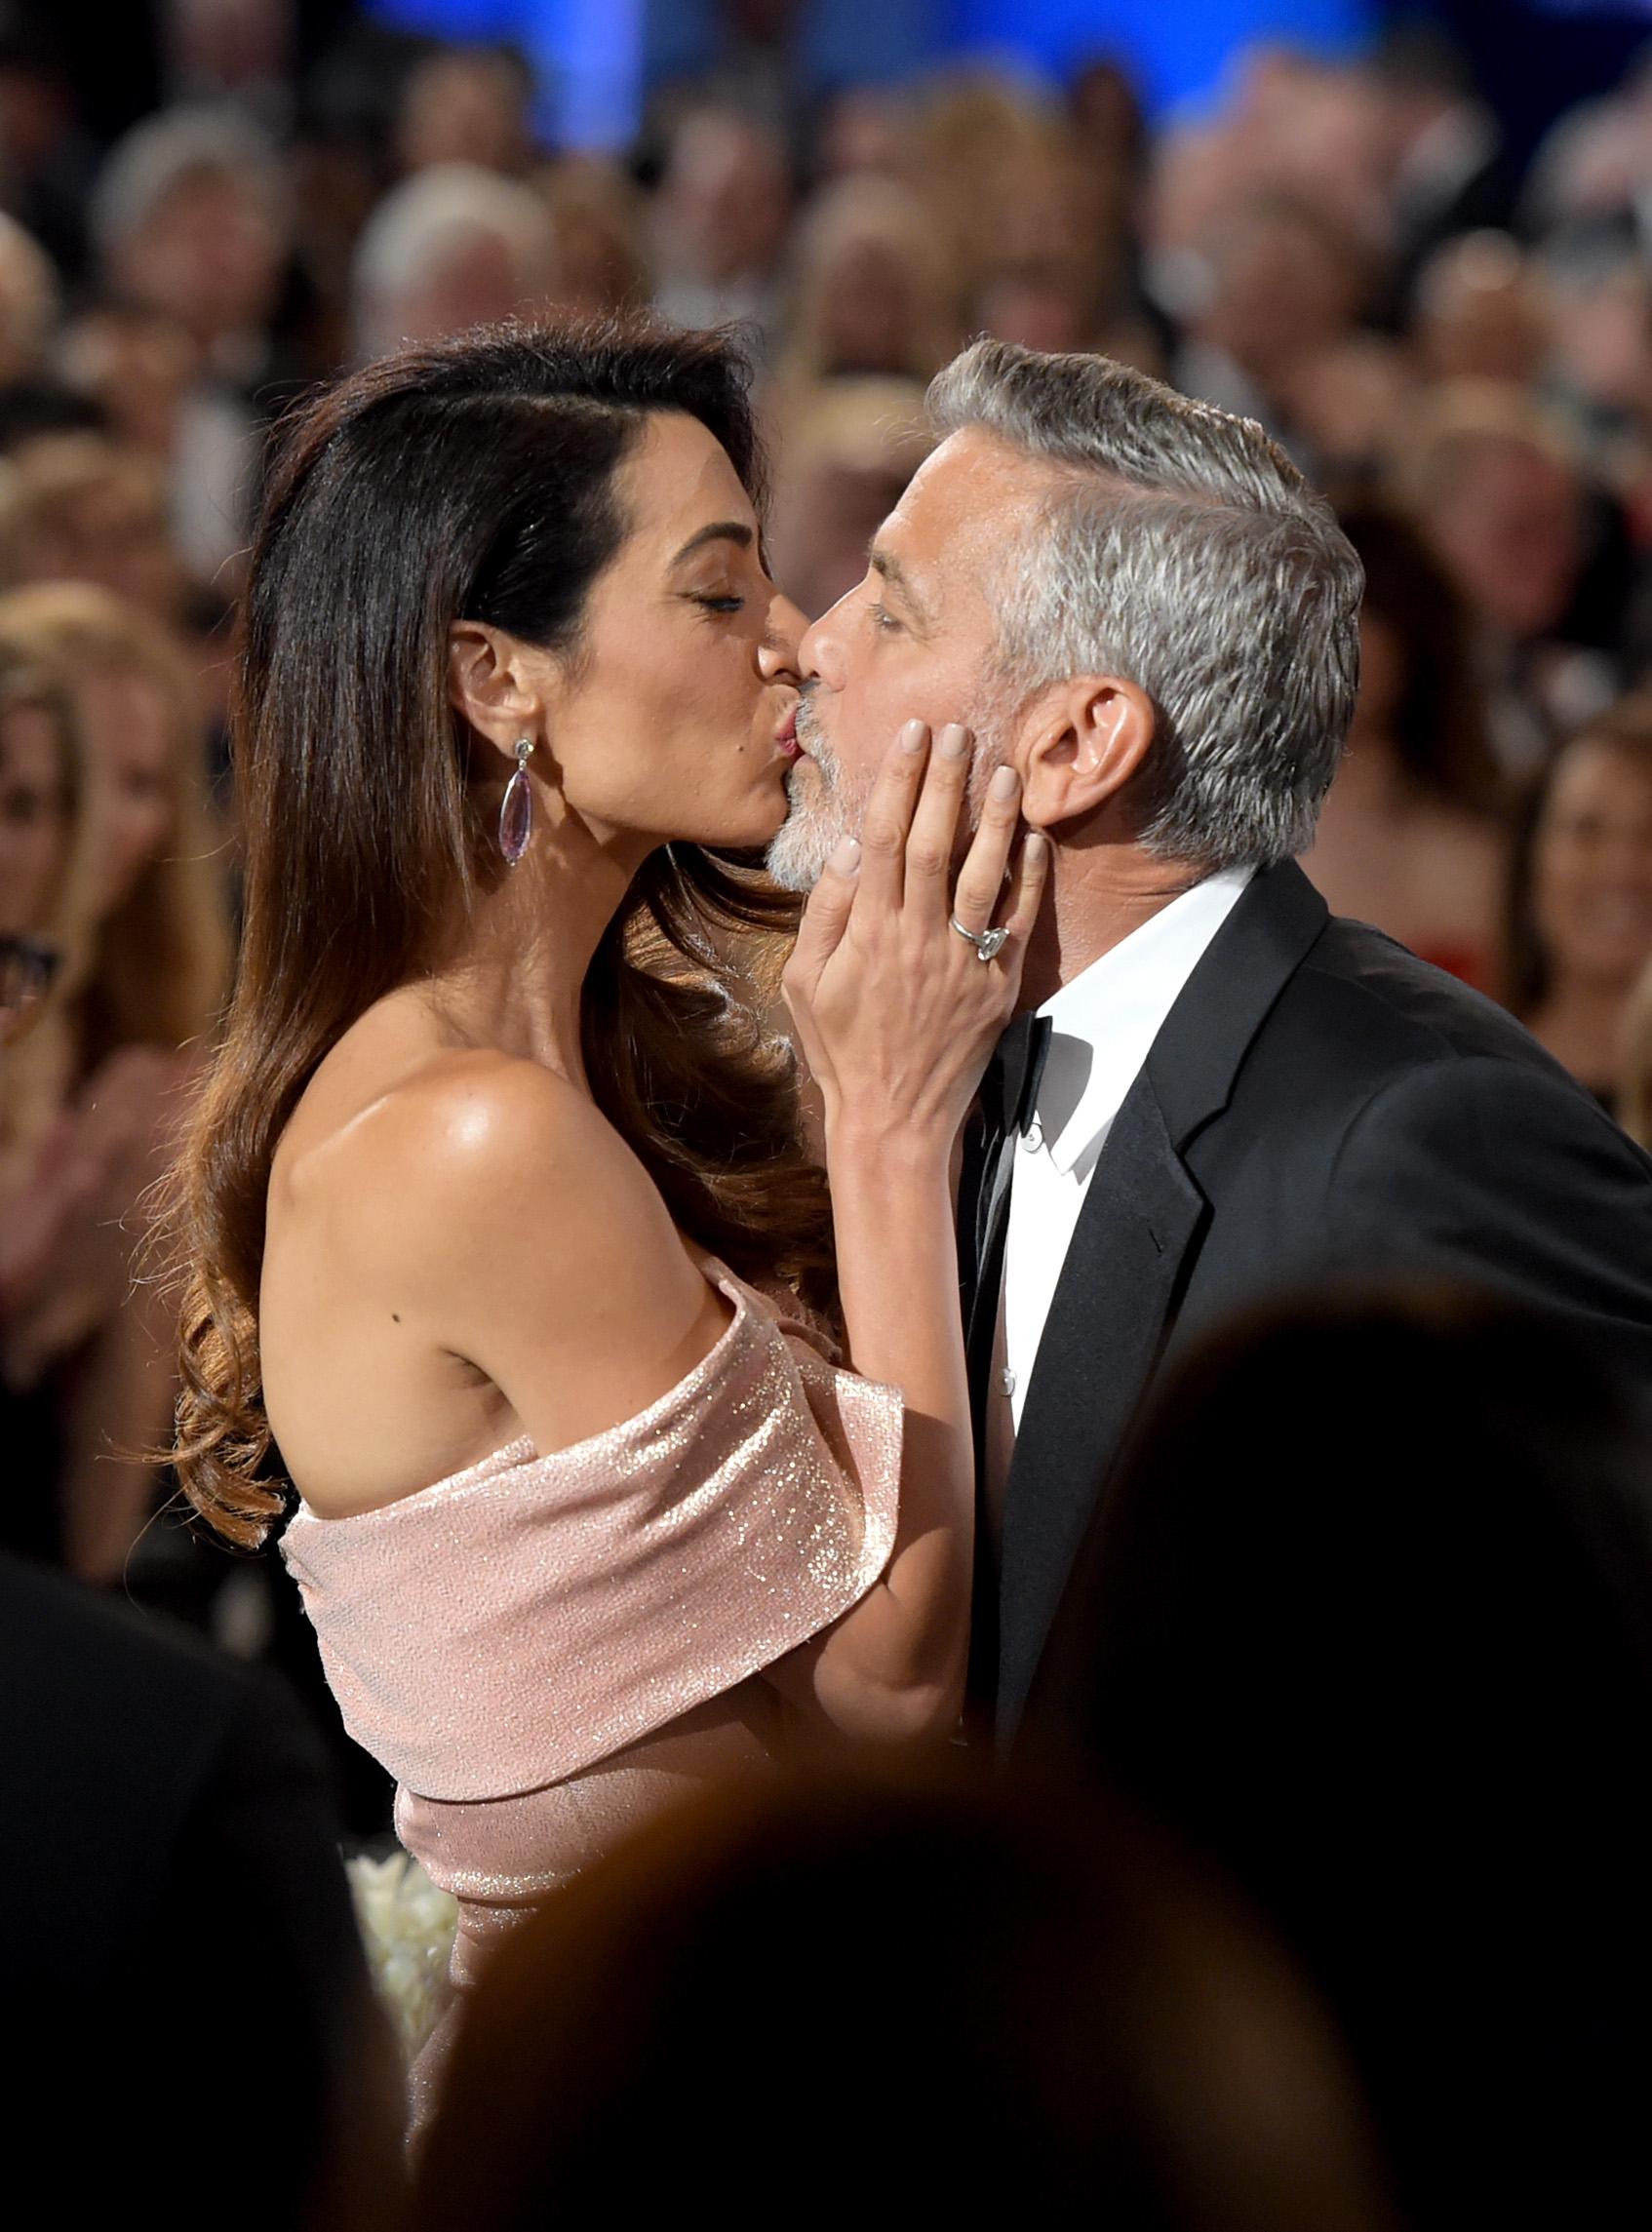 George și Amal Clooney, susprinși în timp ce se sărută la Festivalul American de Film în 2018